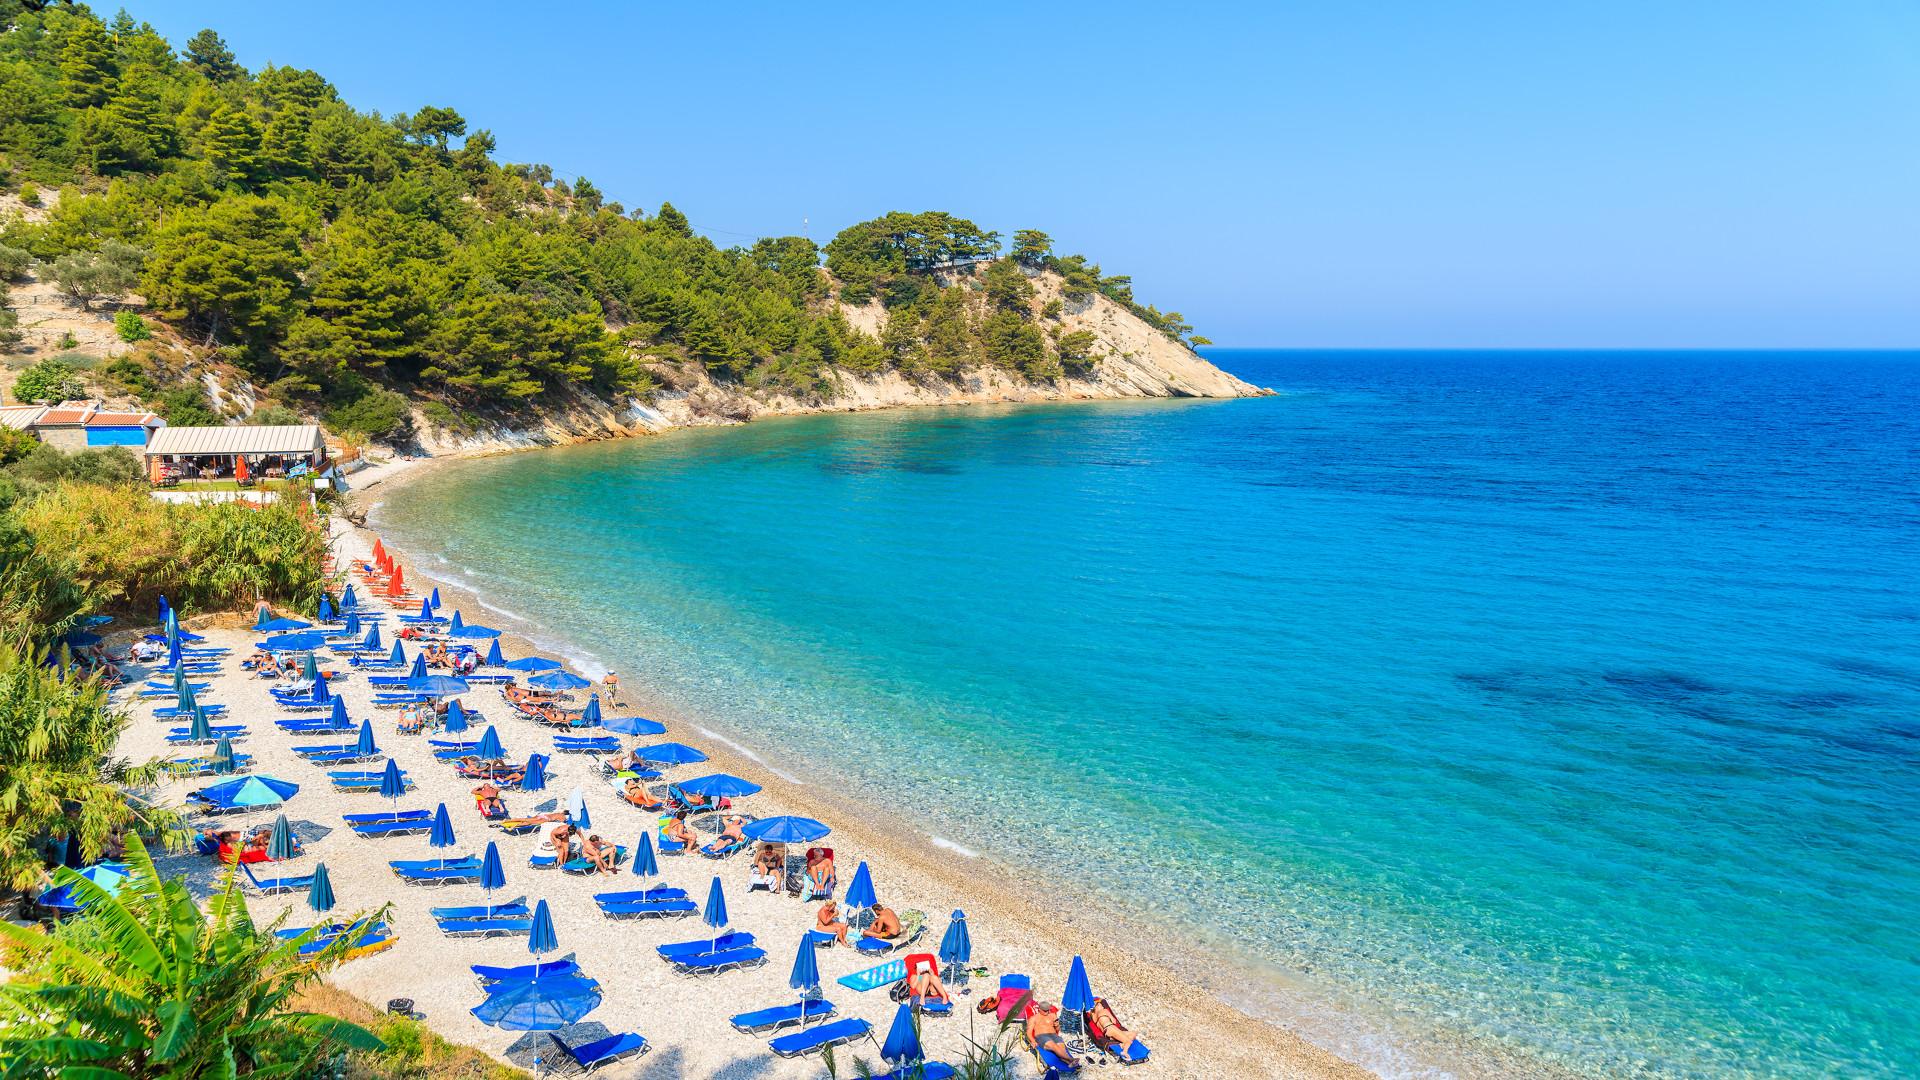 Een weergave van Lemonakia strand met turquoise zeewater, Samos eiland, Griekenland